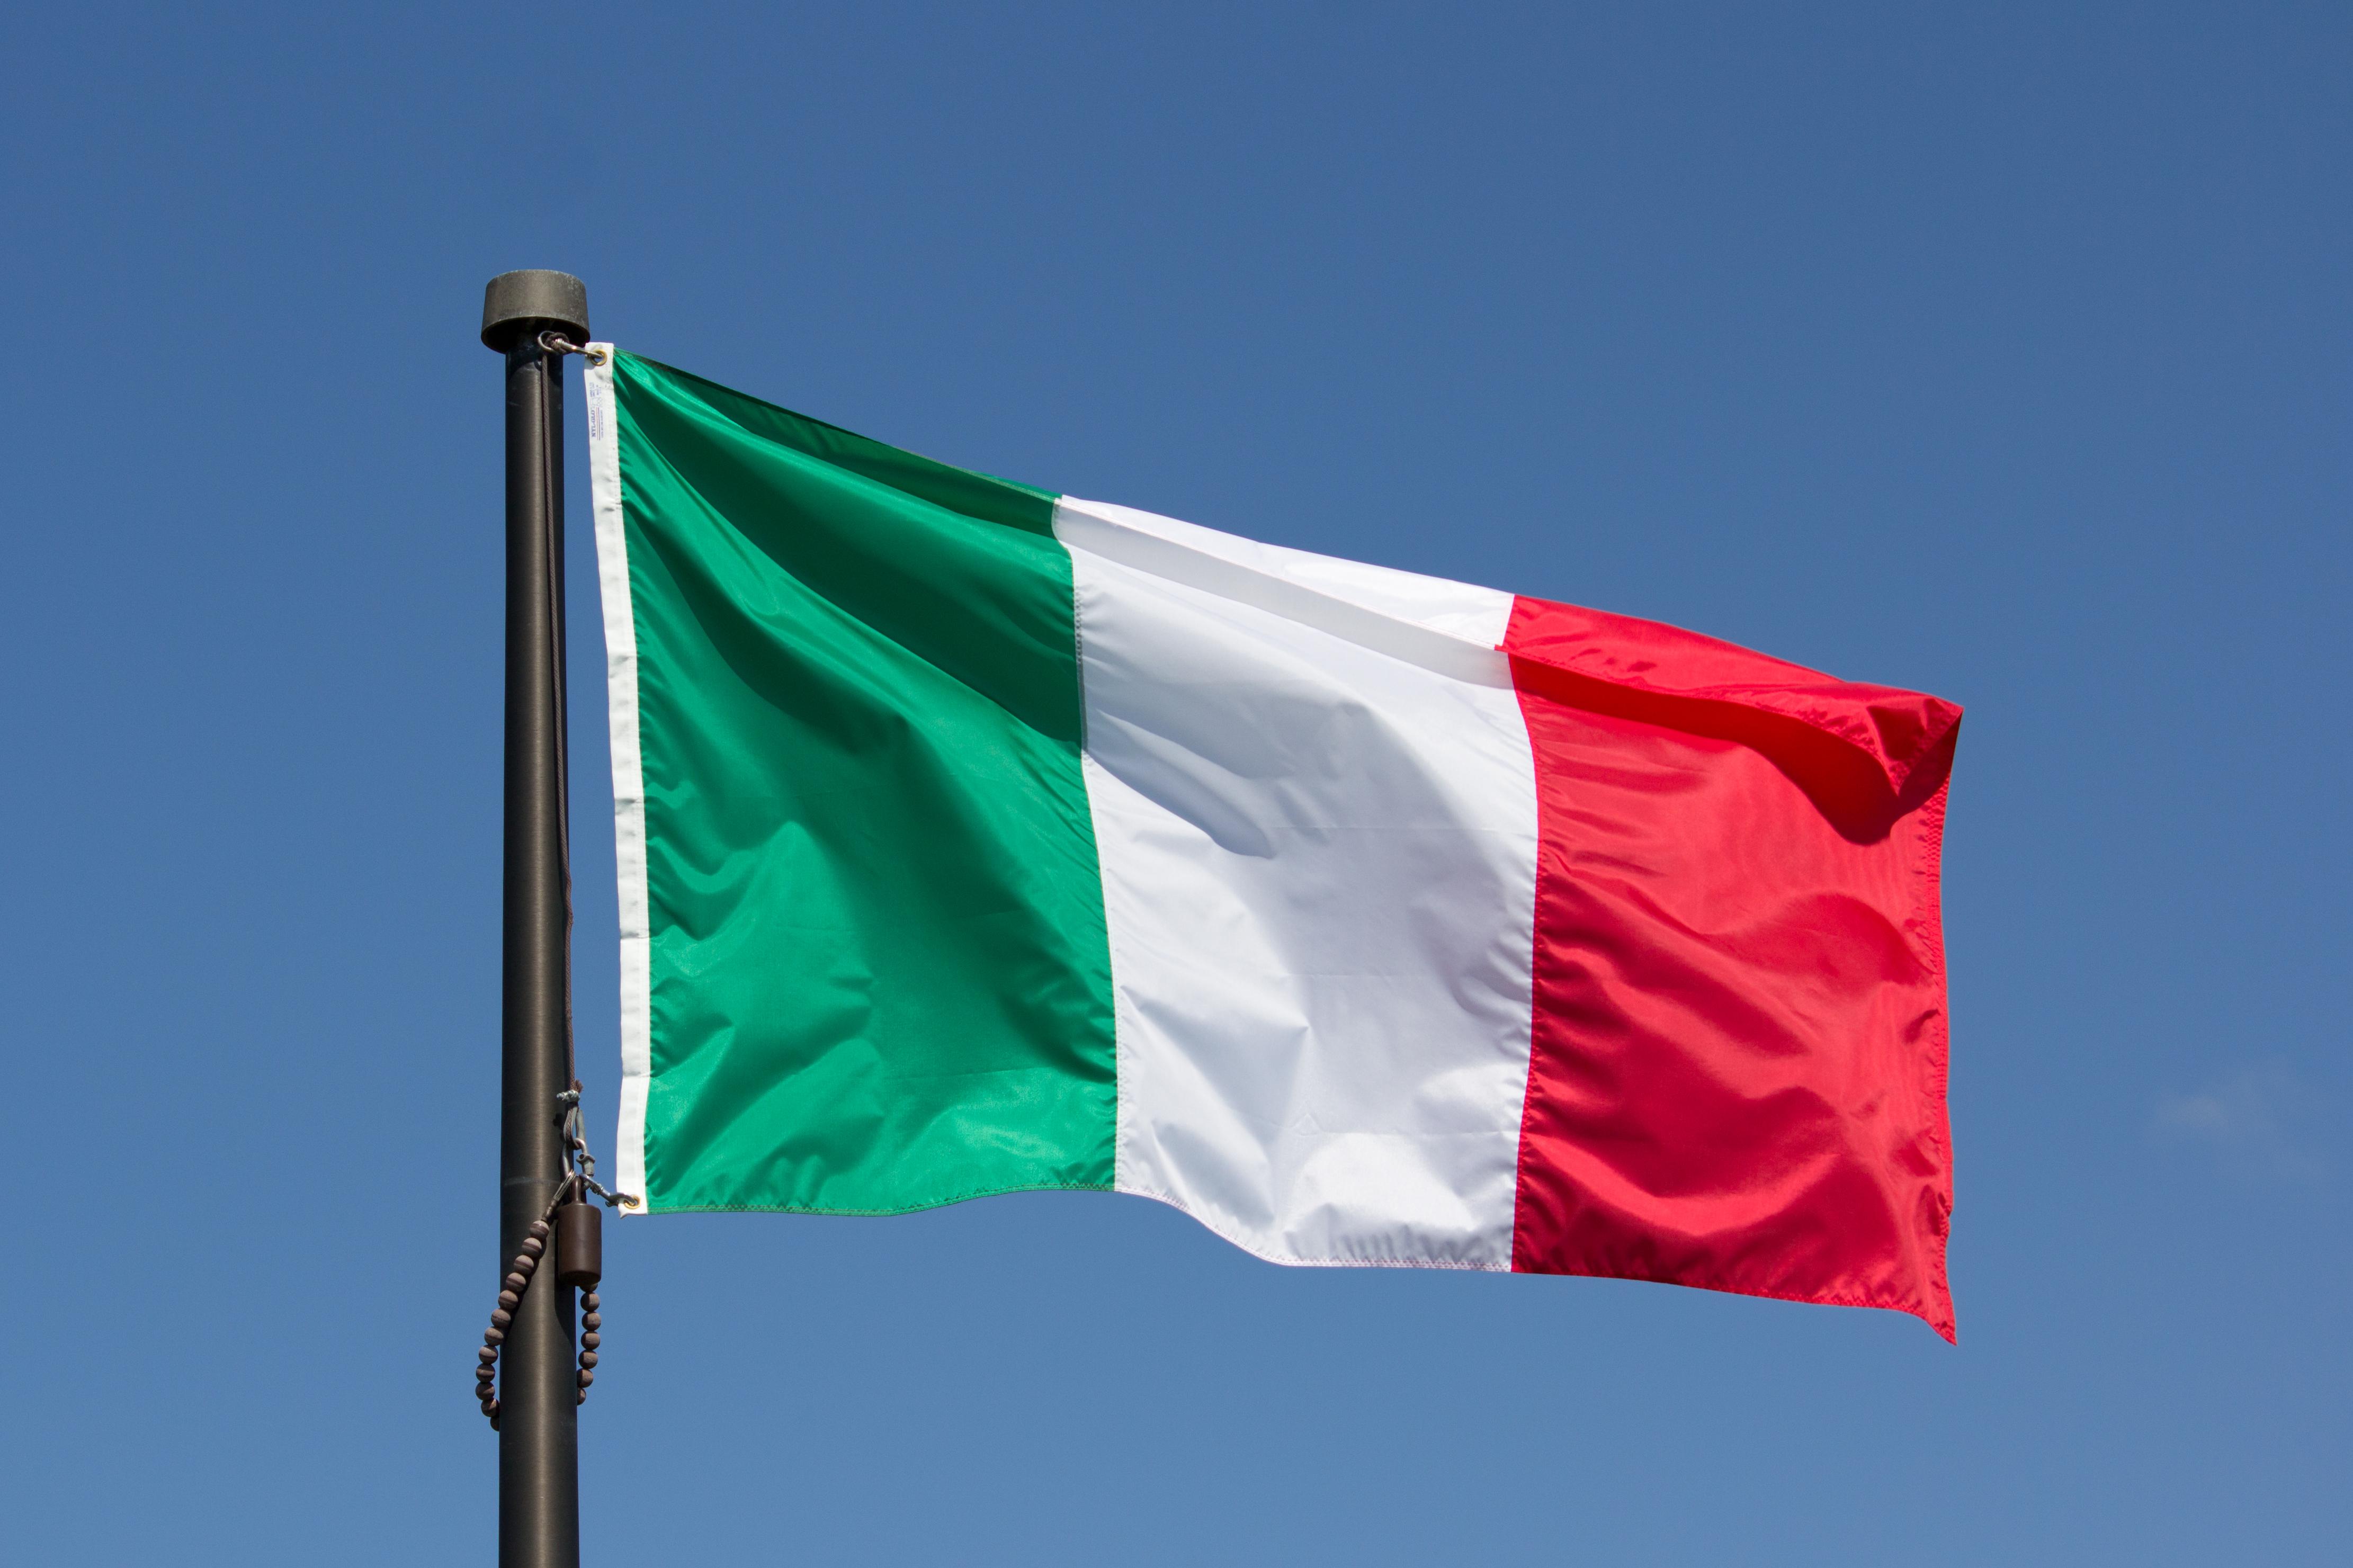 В Италии число новых случаев заражения коронавирусом за сутки превысило 10 тыс.